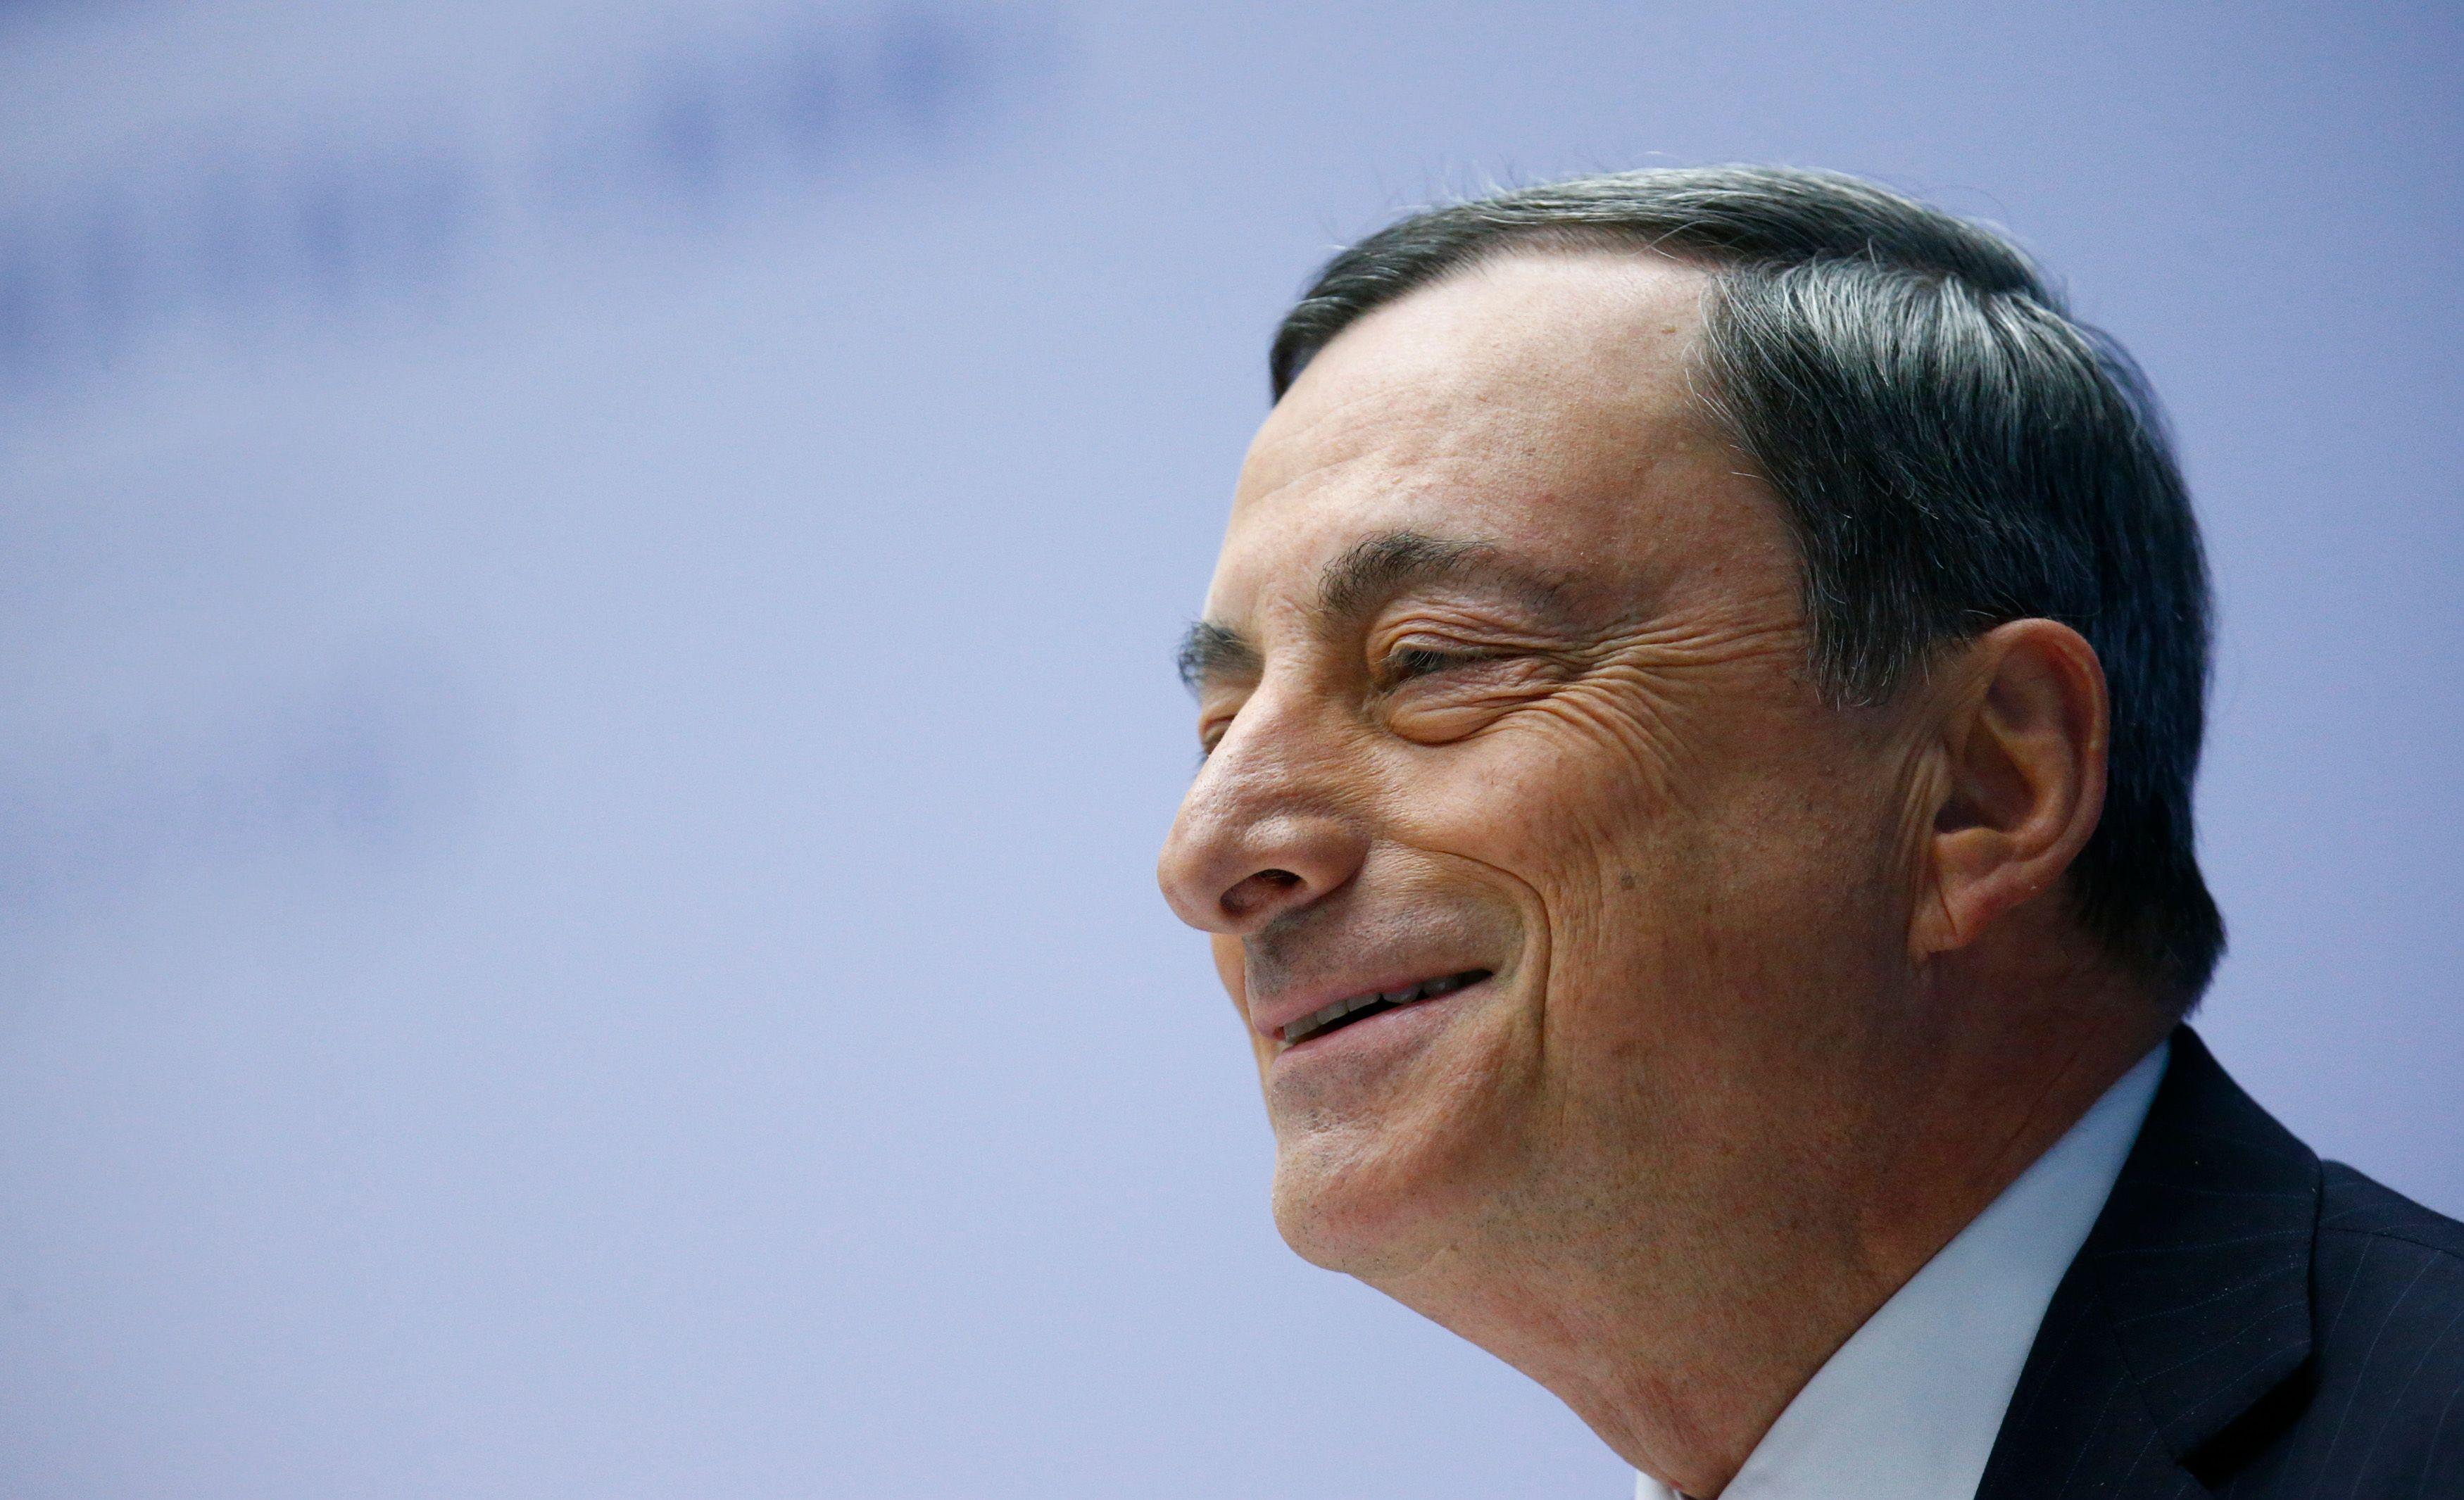 """""""La BCE fera tout ce qu'il faudra pour préserver l'euro"""" : petit bilan 5 ans après de ce que l'Europe et la France doivent à Mario Draghi... dans l'indifférence générale"""